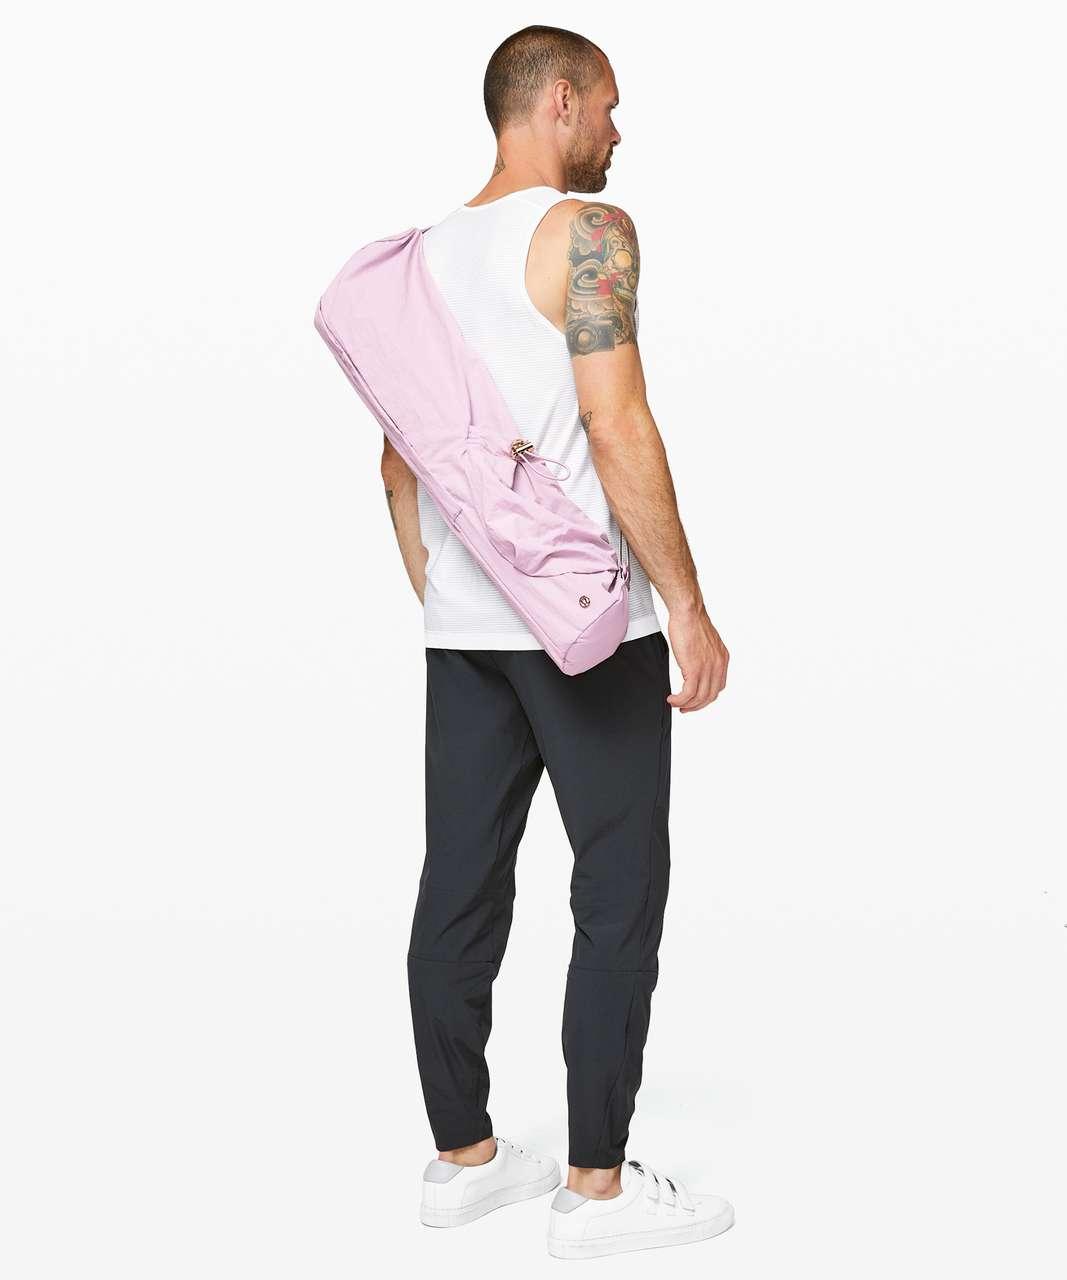 Lululemon The Yoga Mat Bag - Antoinette